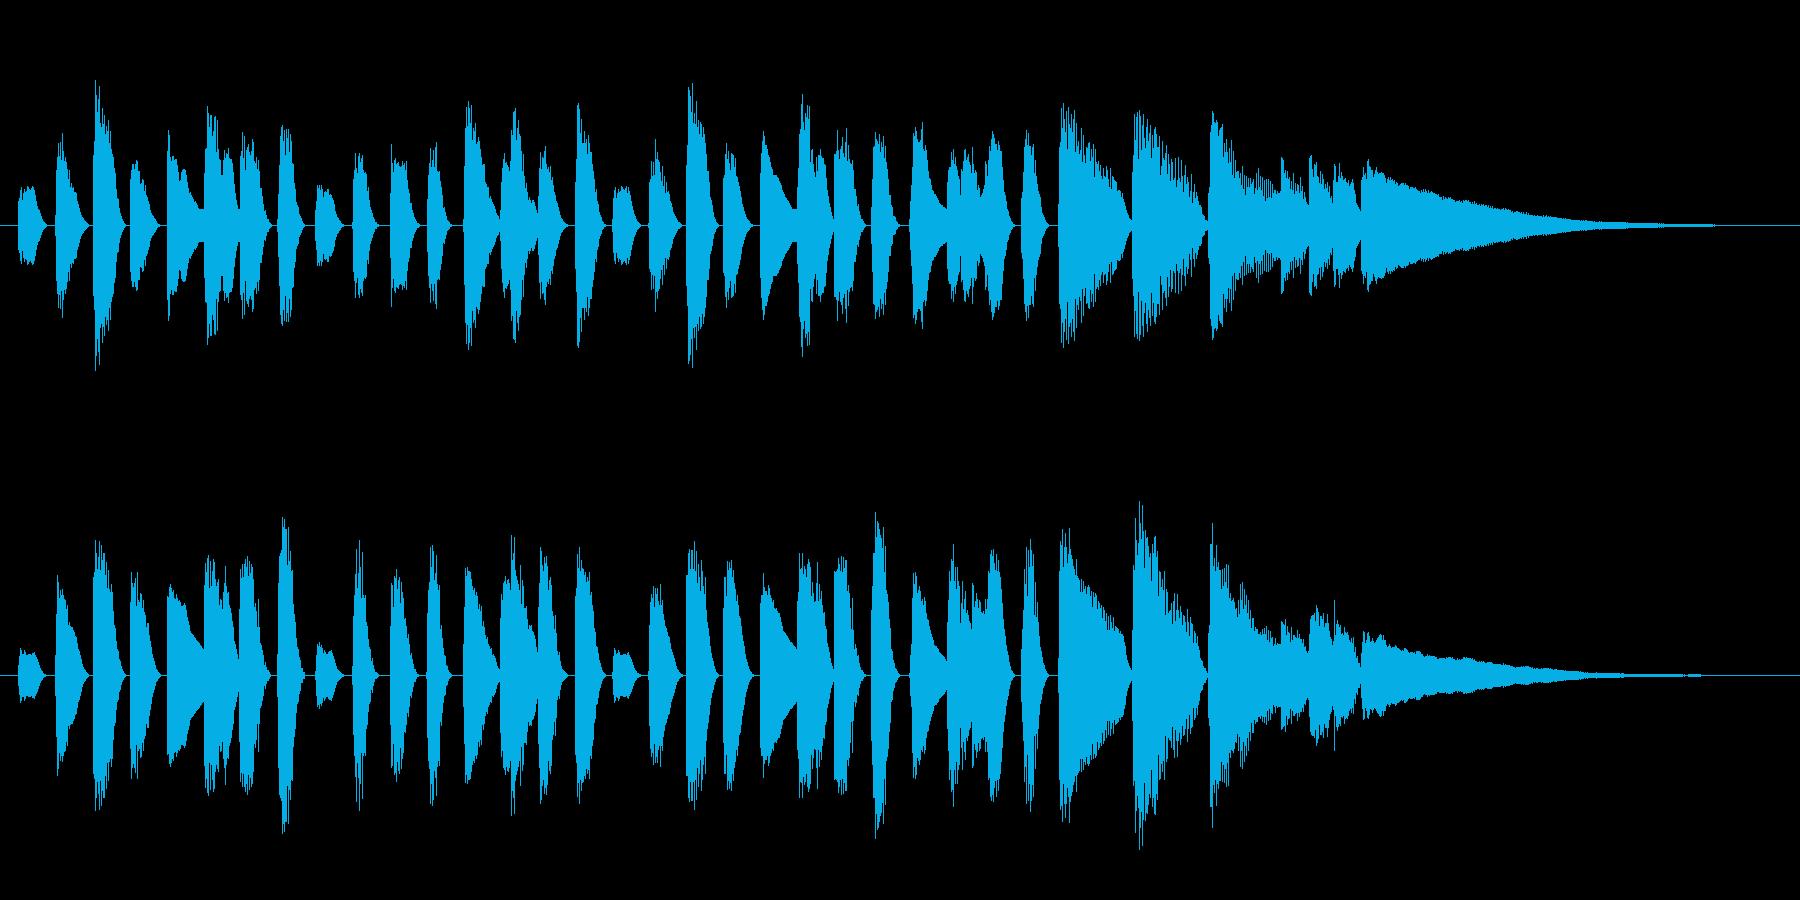 ほのぼの系ピアノのオープニングジングルの再生済みの波形